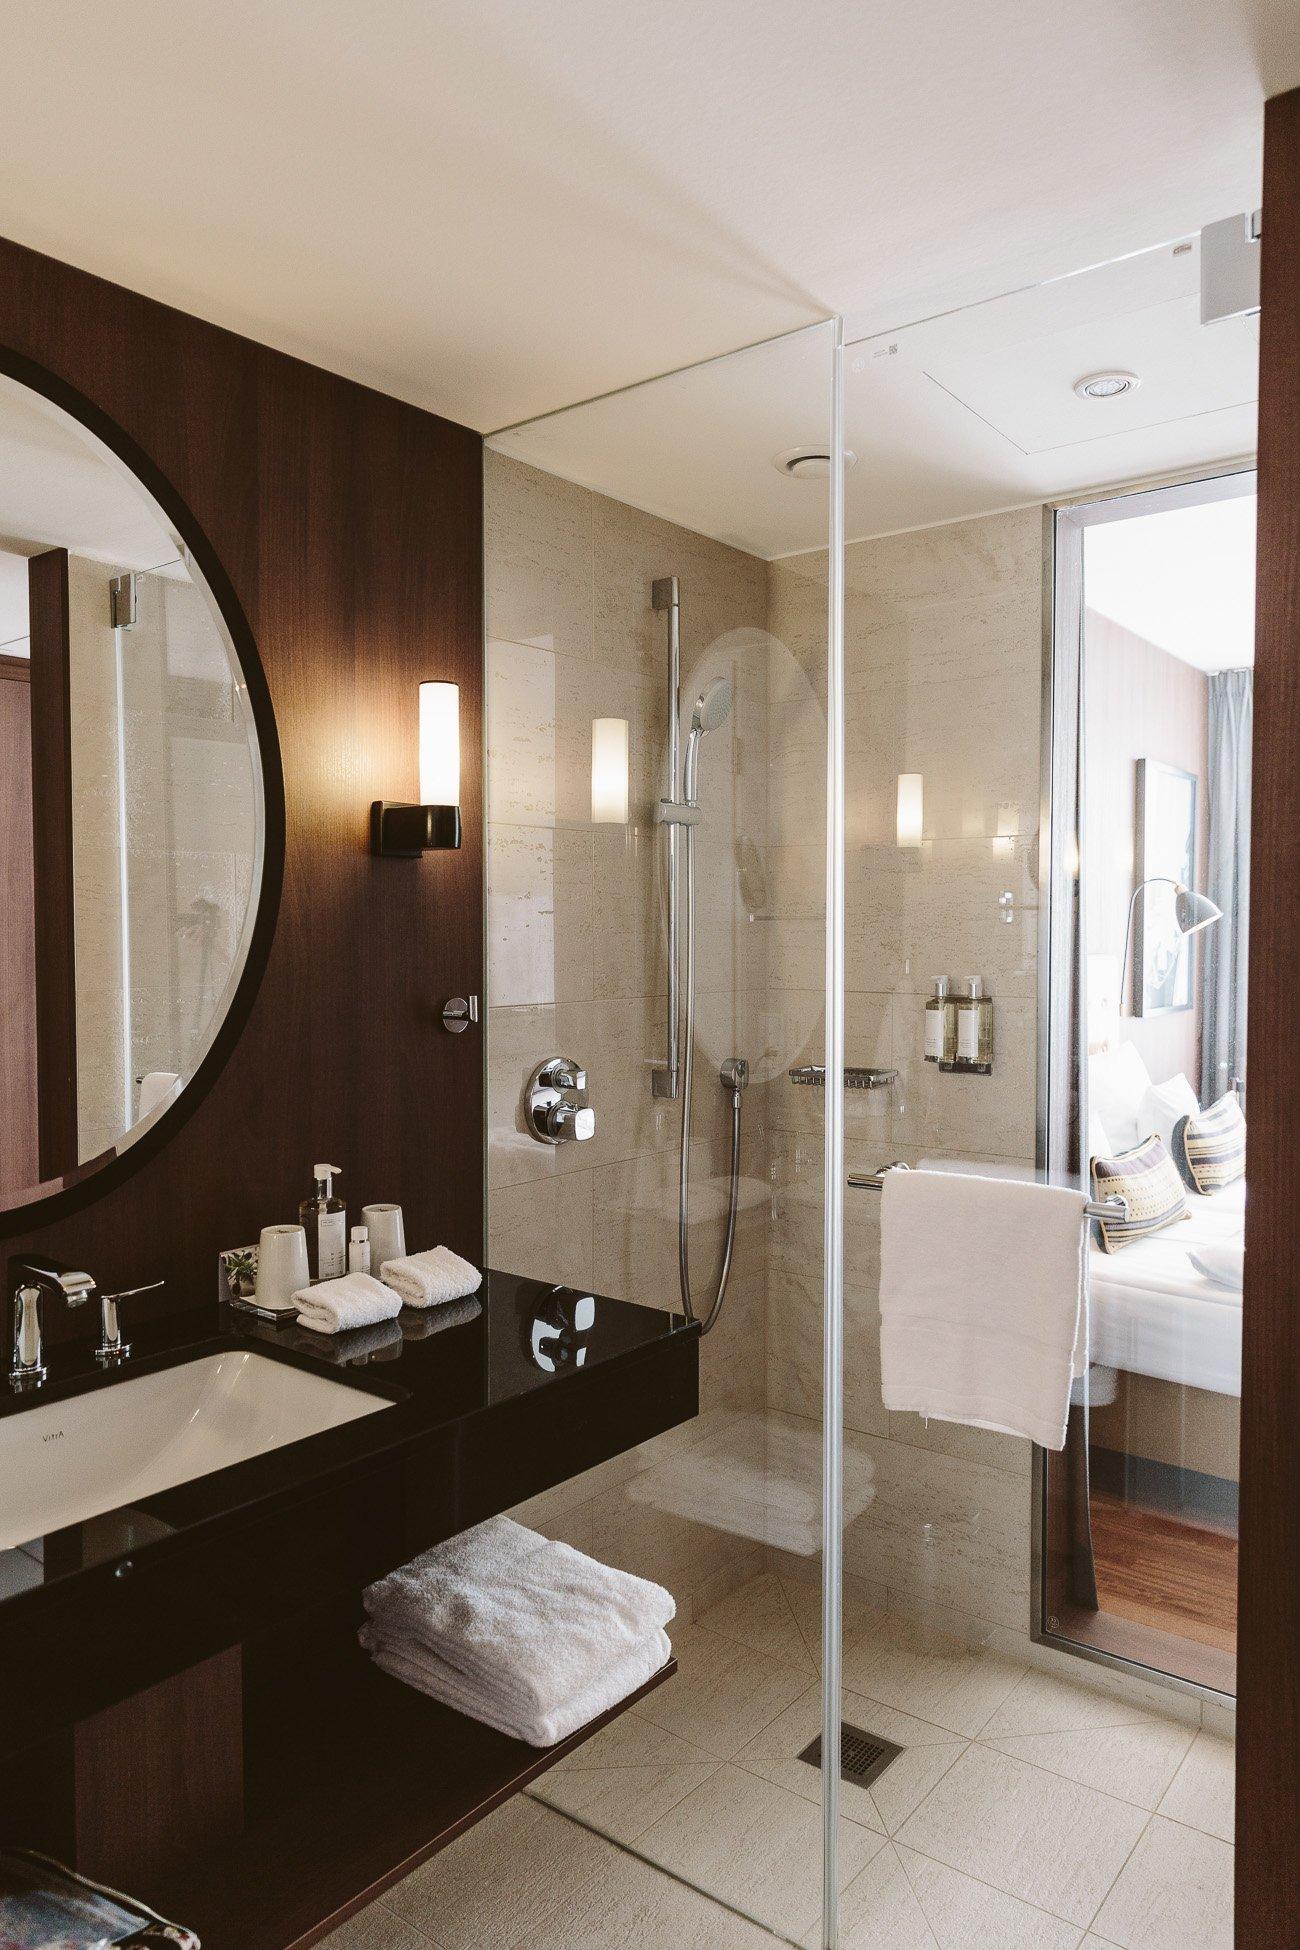 Bathroom at Ameron Hotel Speicherstadt